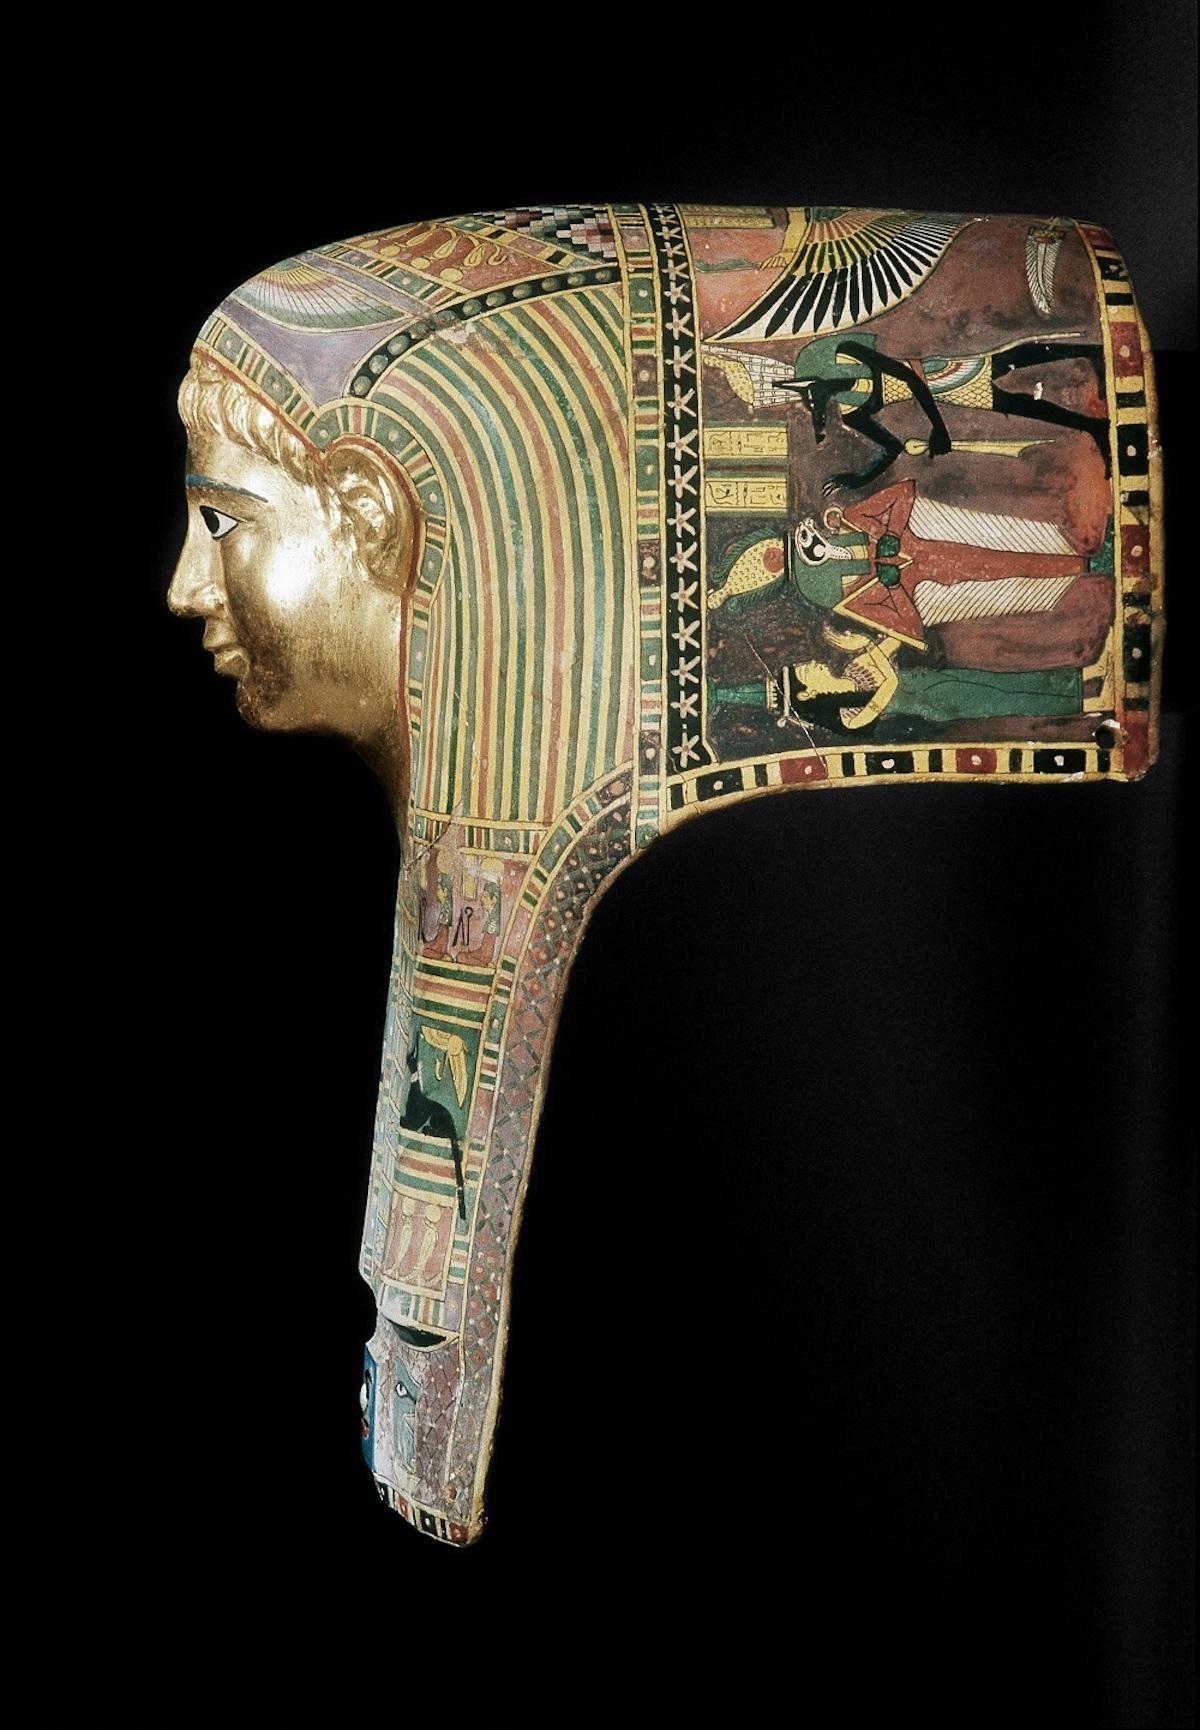 《パレメチュシグのミイラ・マスク》 後50~後100年頃 , © Staatliche Museen zu Berlin Ägyptisches Museum und Papyrussammlung / M. Büsing